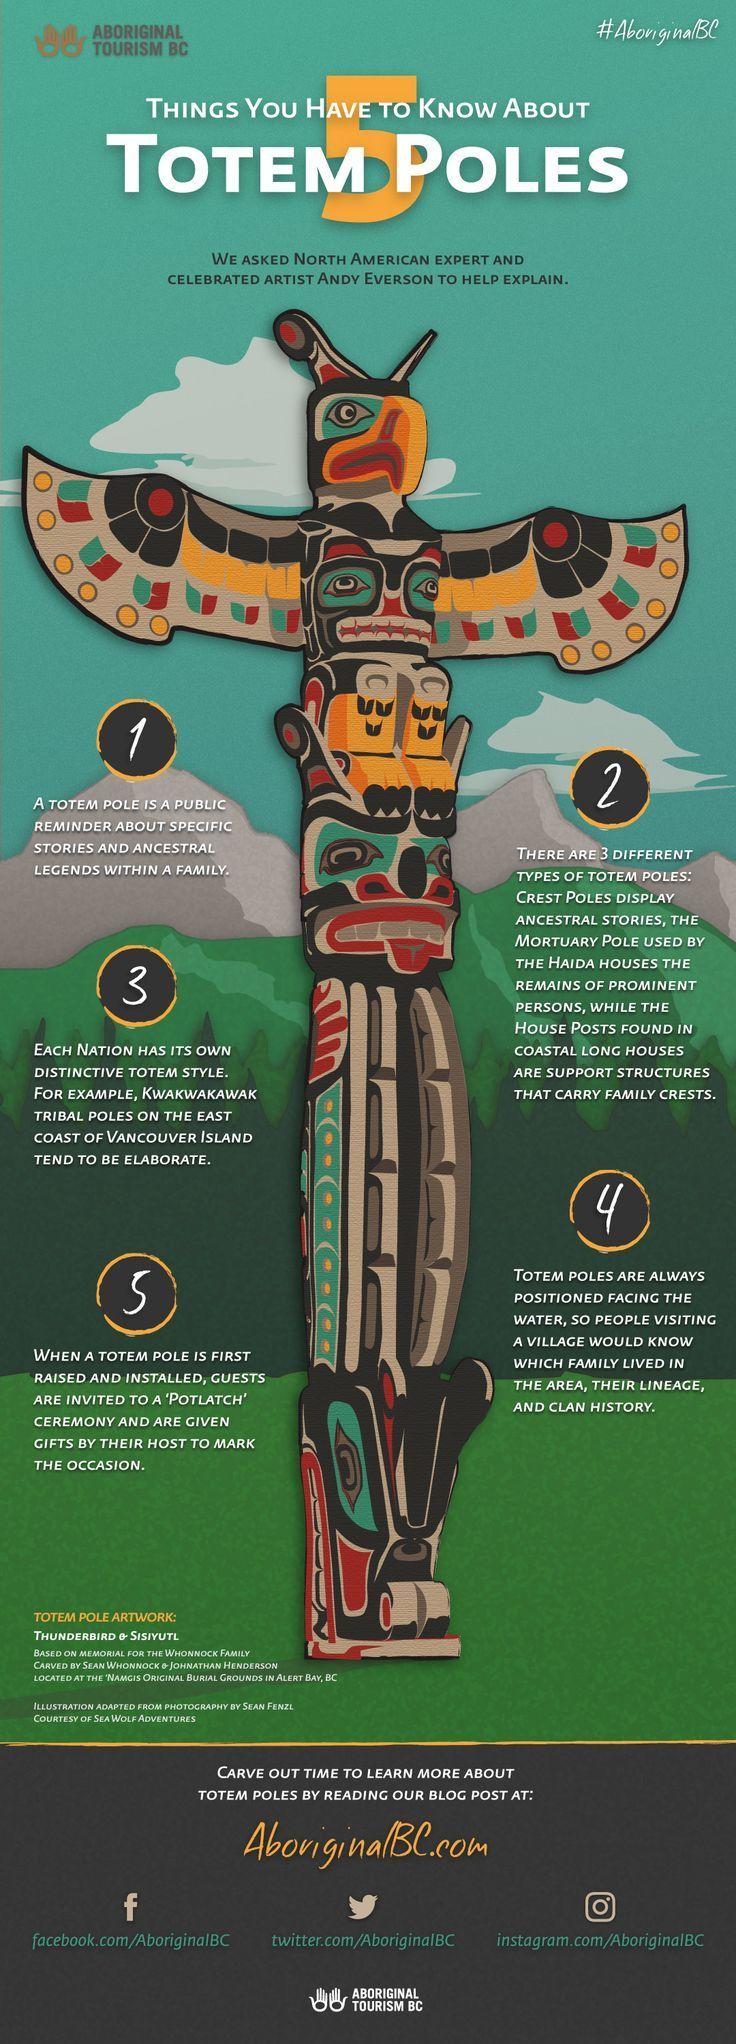 Popular American Cultural Theft of Totem Poles